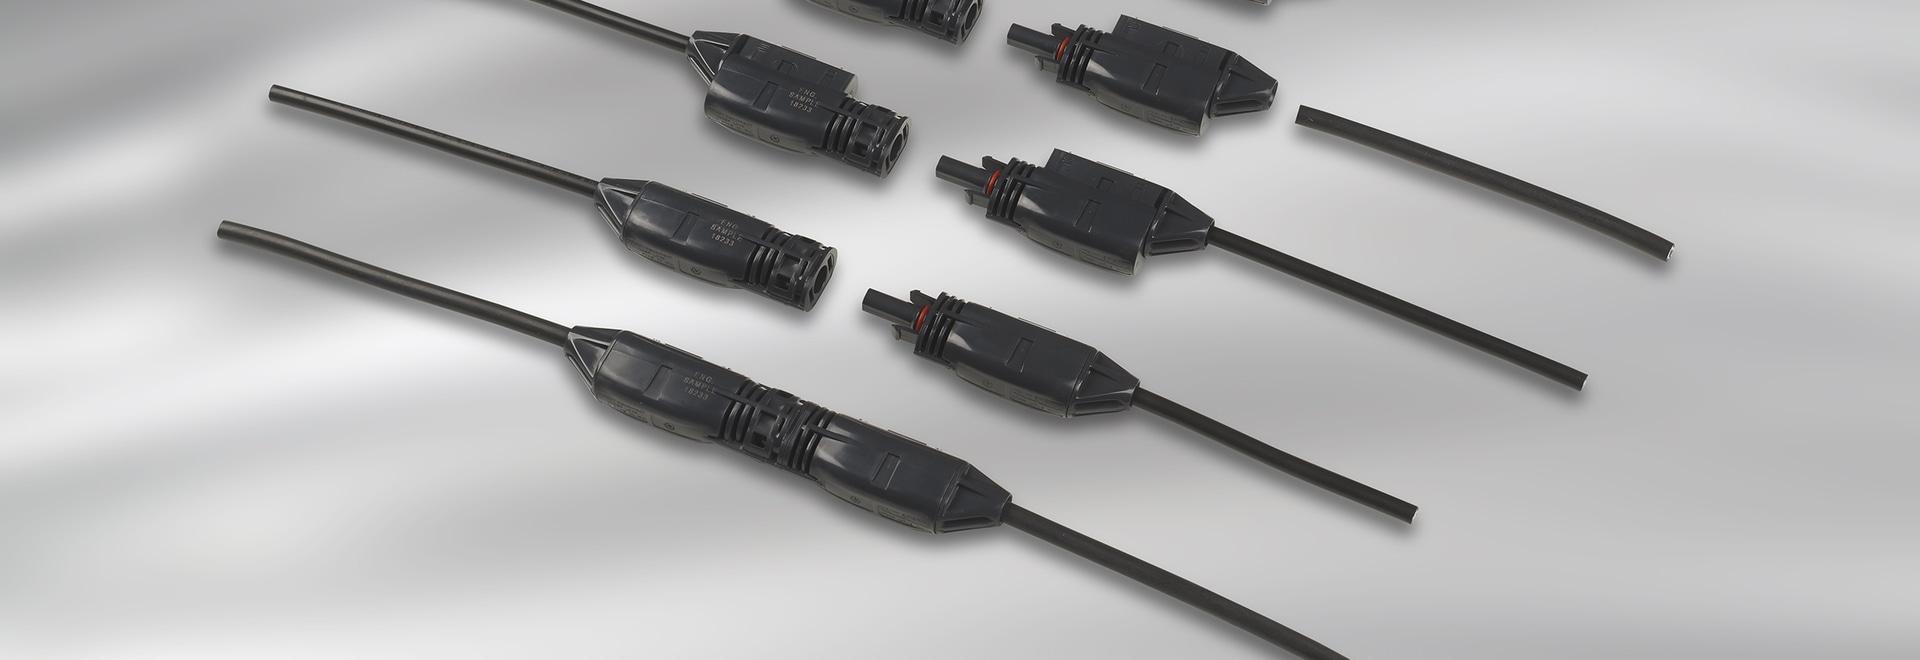 Los conectores de CC SOLARLOK 2.0 para paneles fotovoltaicos permiten una instalación rápida y fiable en campo